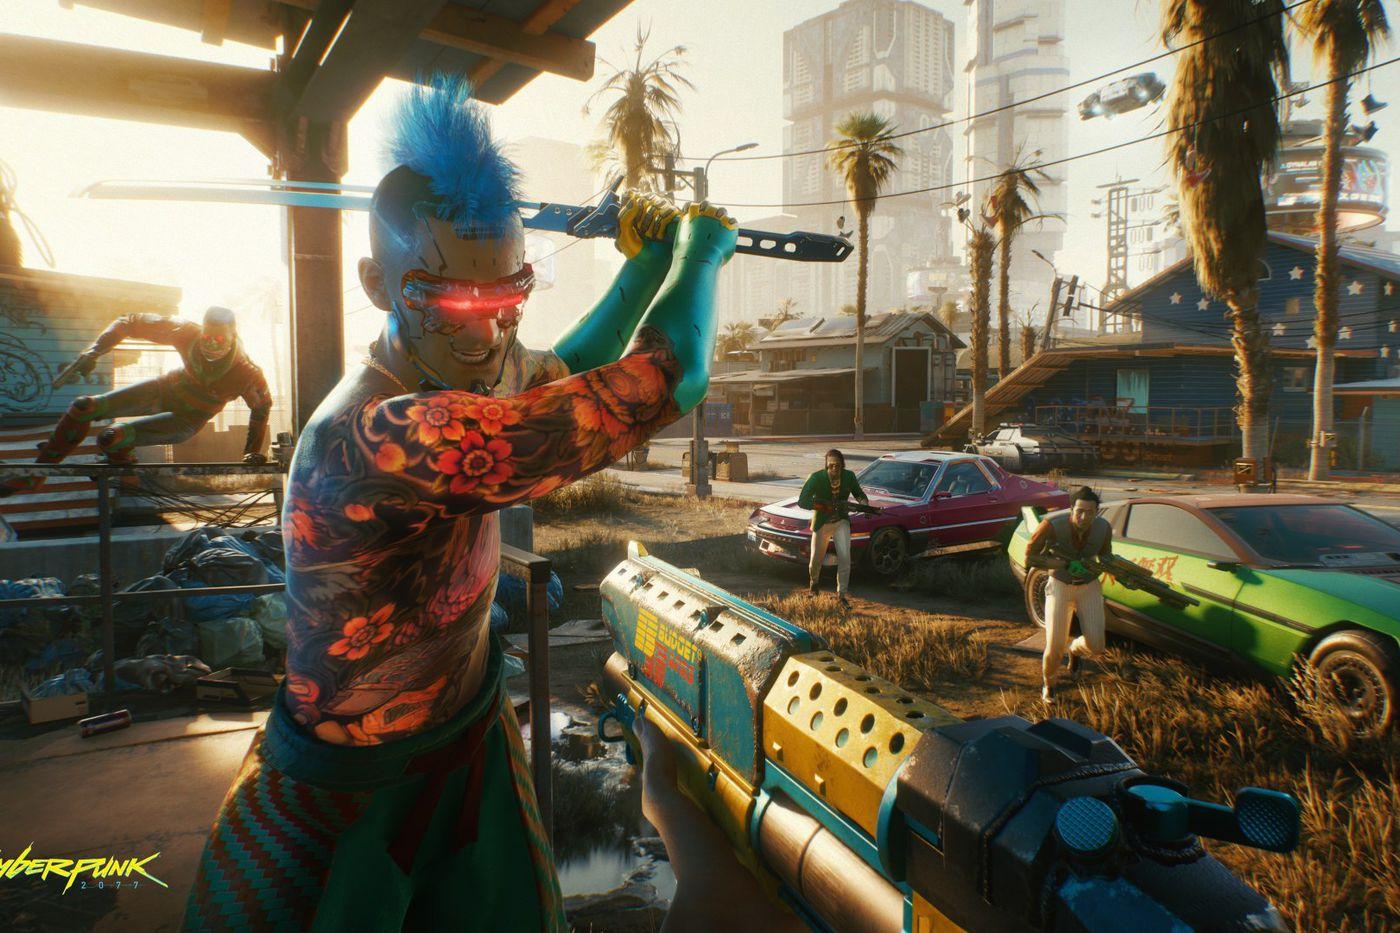 Cyberpunk2077 Always bring a gun to a knife fight RGB en.0